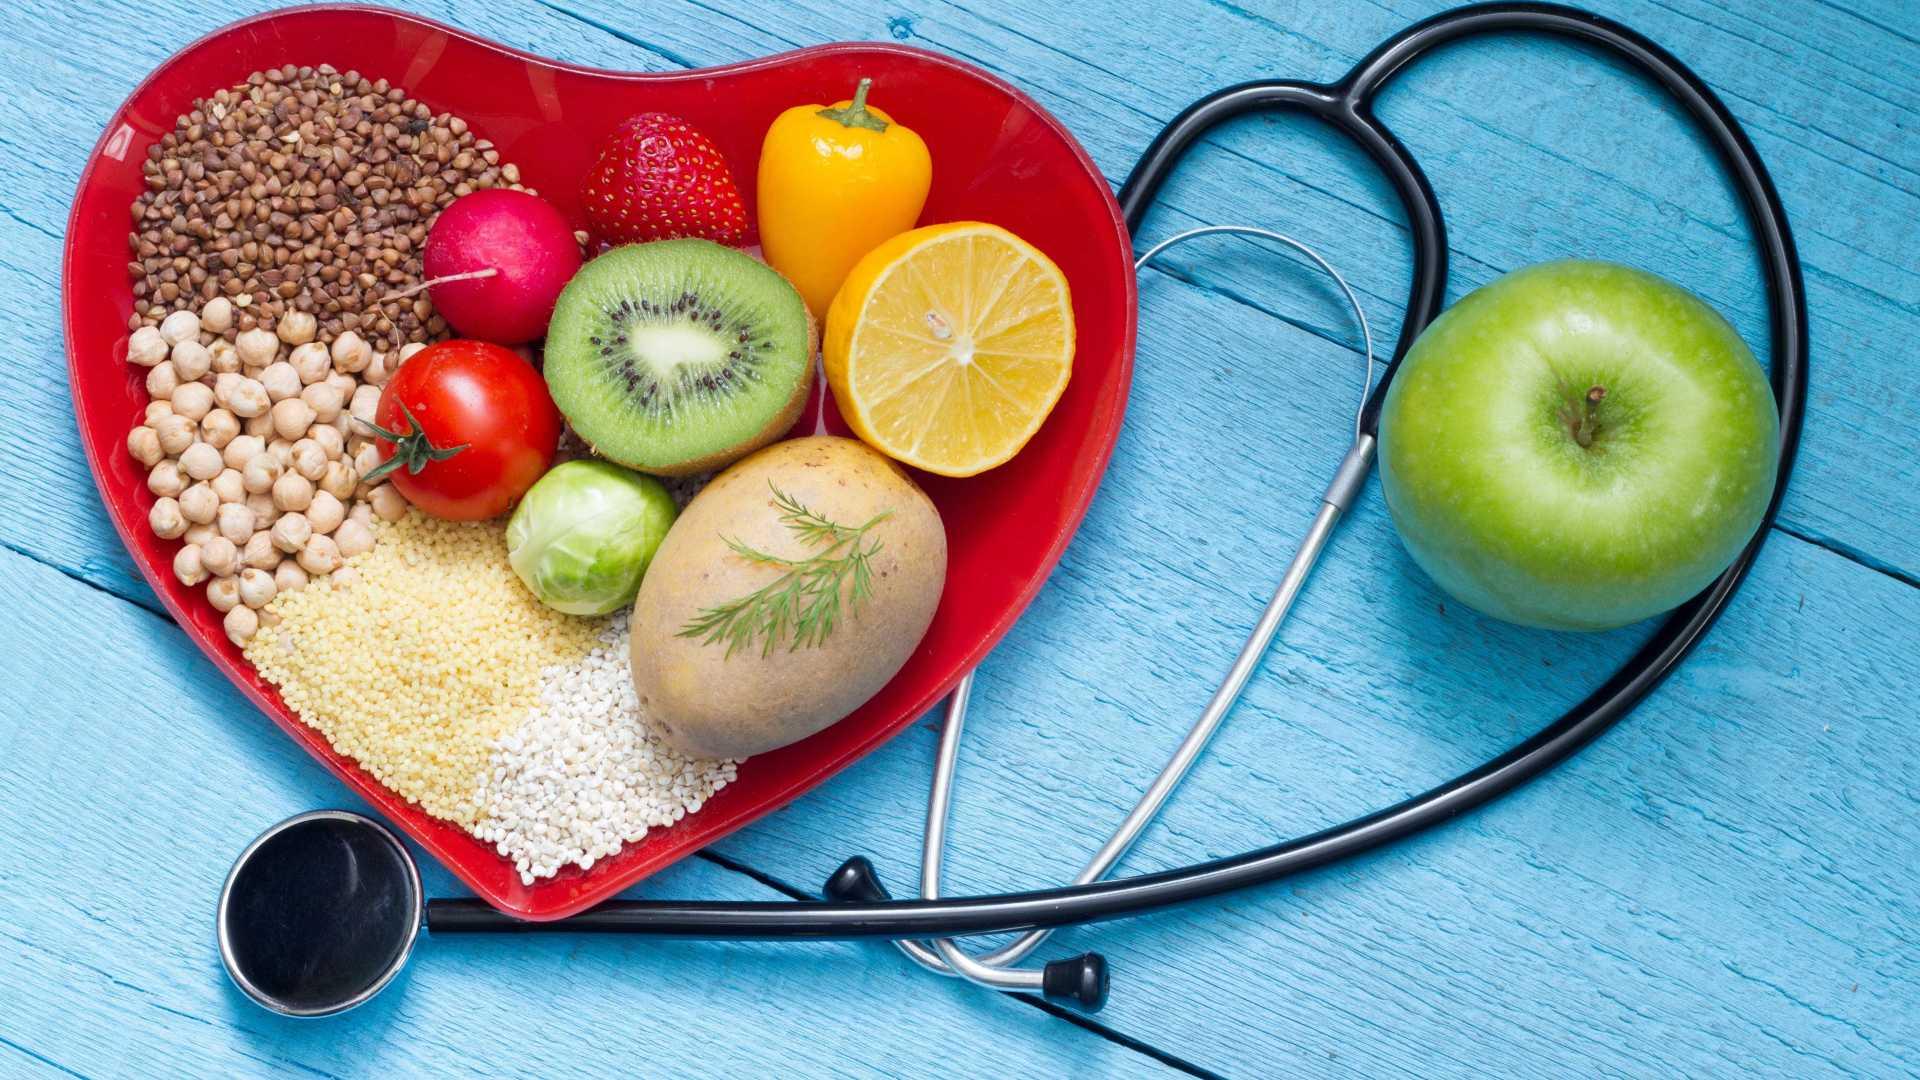 naom 5964ae0c8ed95 - Colesterol: Como Ele Afeta Sua Saúde